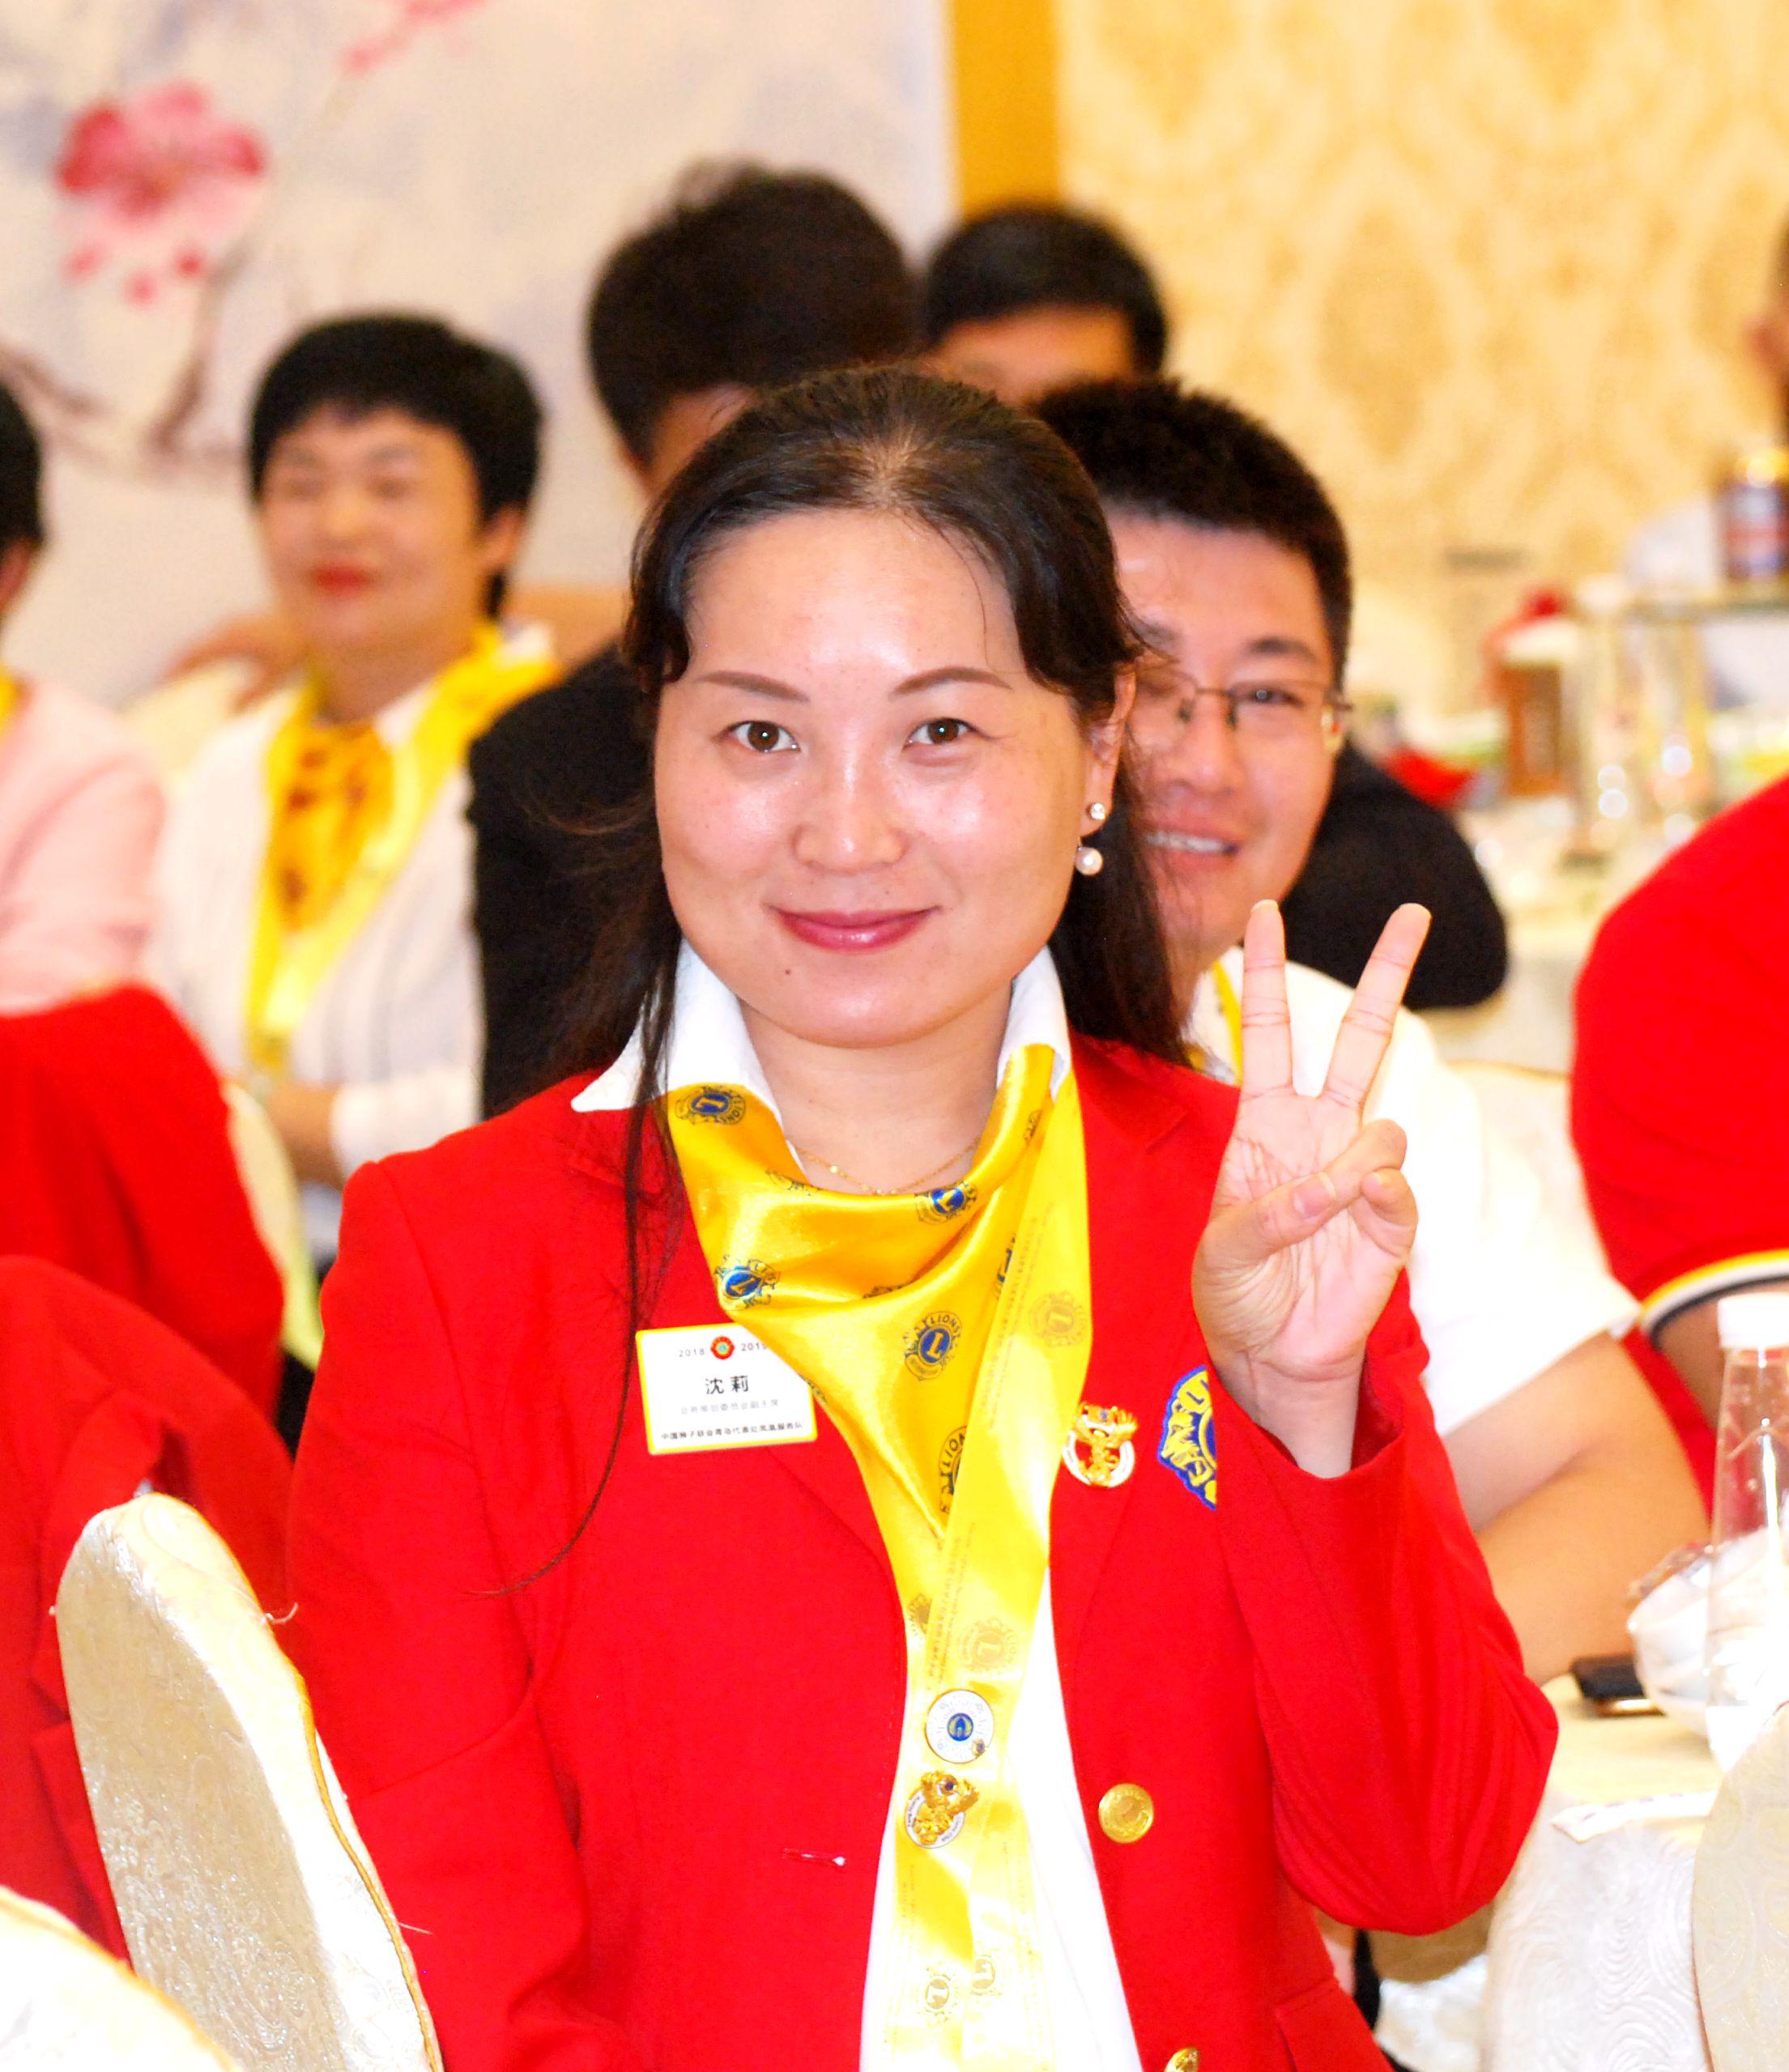 中国狮子联会(菏泽)凤凰服务队2018-2019年度换届典礼